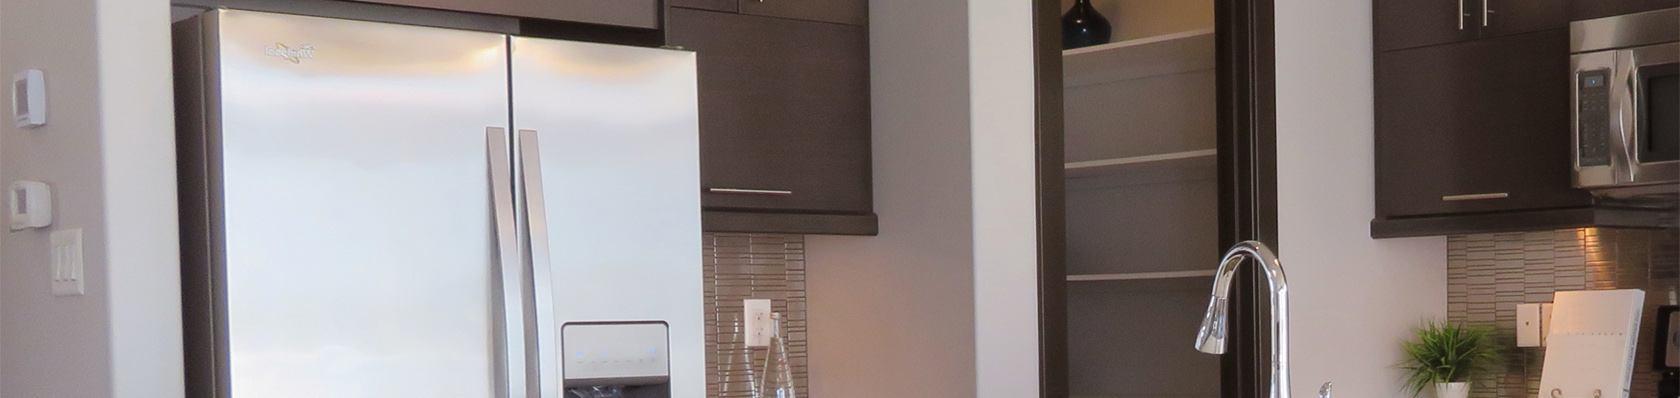 Kühlschränke im Test auf ExpertenTesten.de